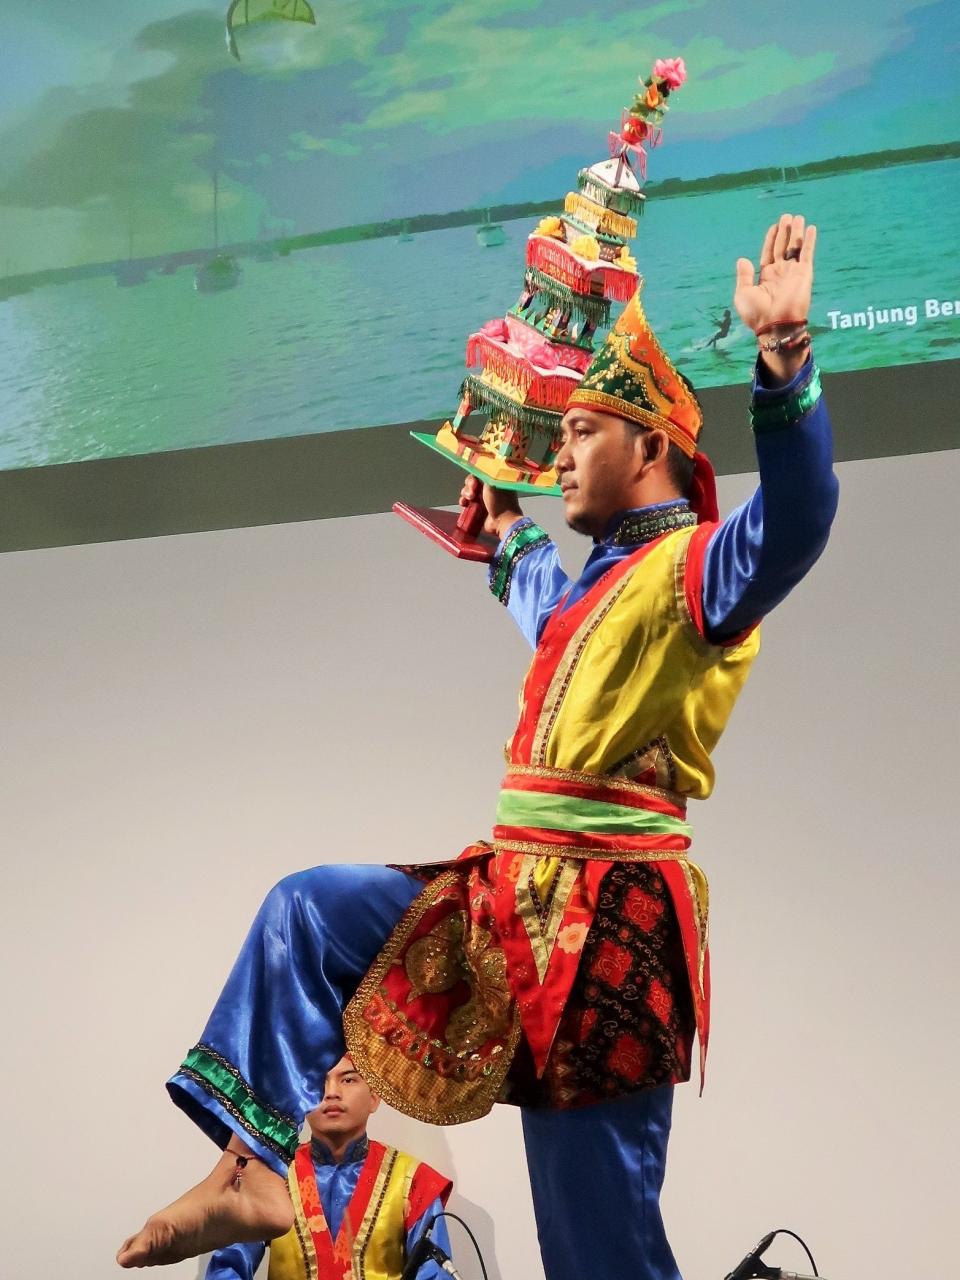 ツーリズムEXPO-9 インドネシアA ワンダフル パフォーマンス ☆伝統舞踊と太鼓の響き